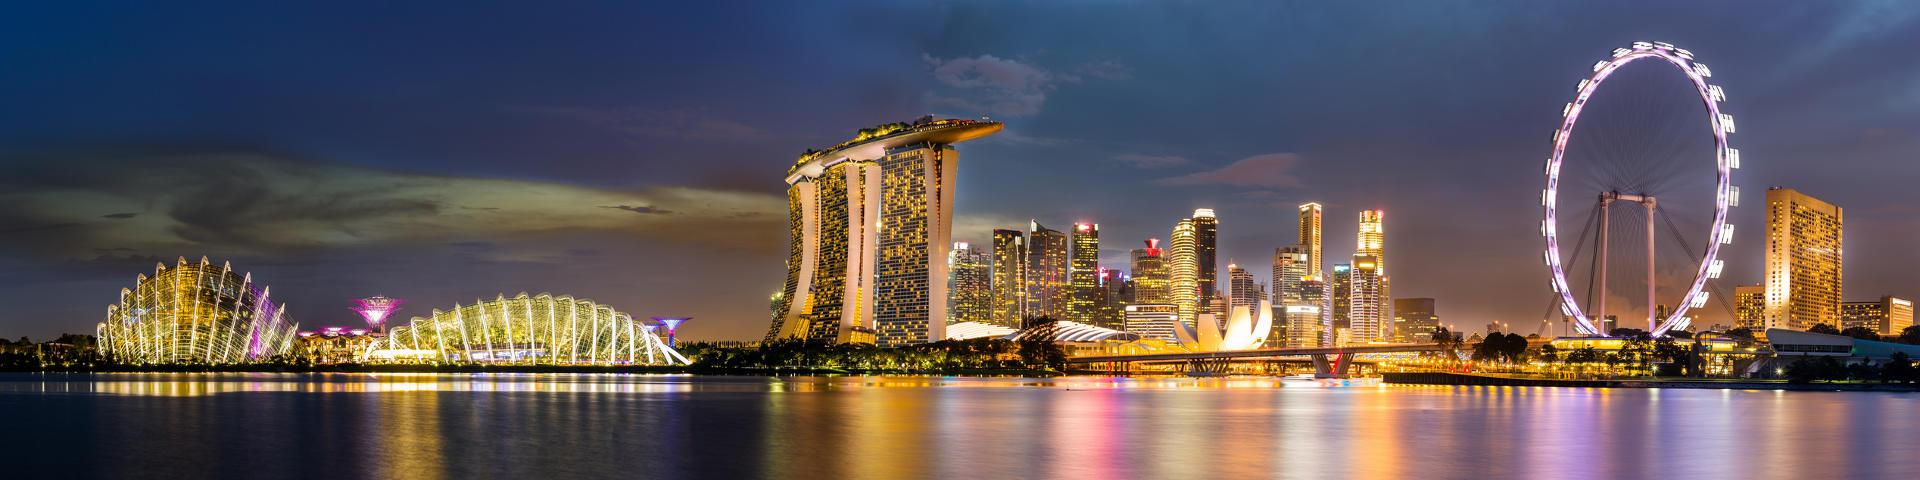 Singapore hero